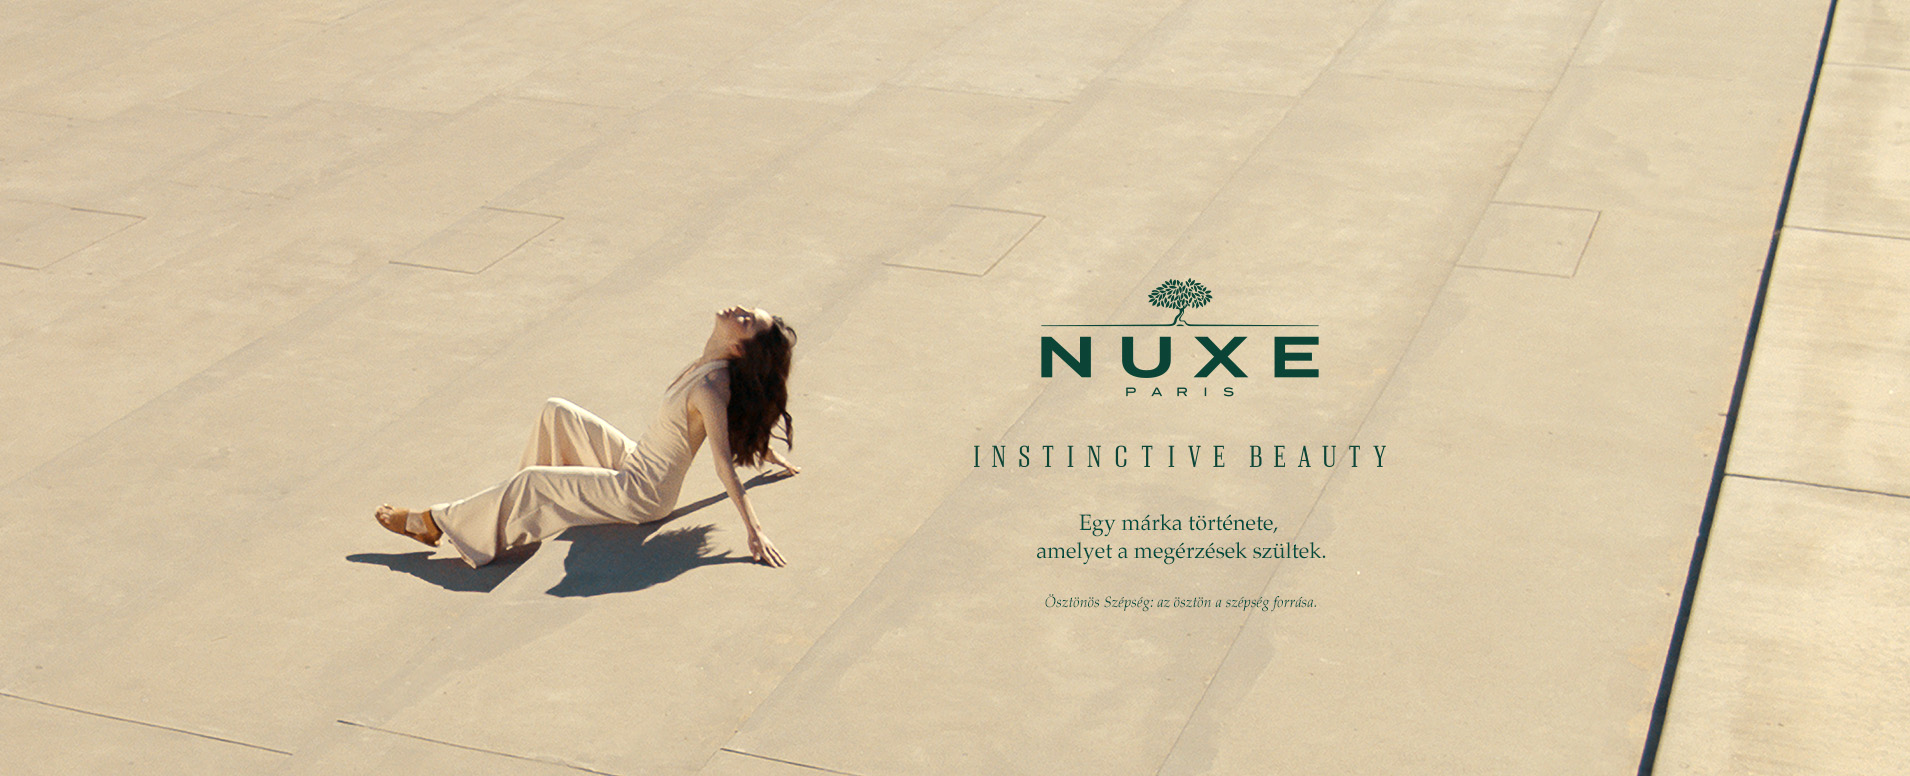 1-nuxe-instinctive-beauty-osztonos-szepseg-nuxemagyarorszag.hu-slider